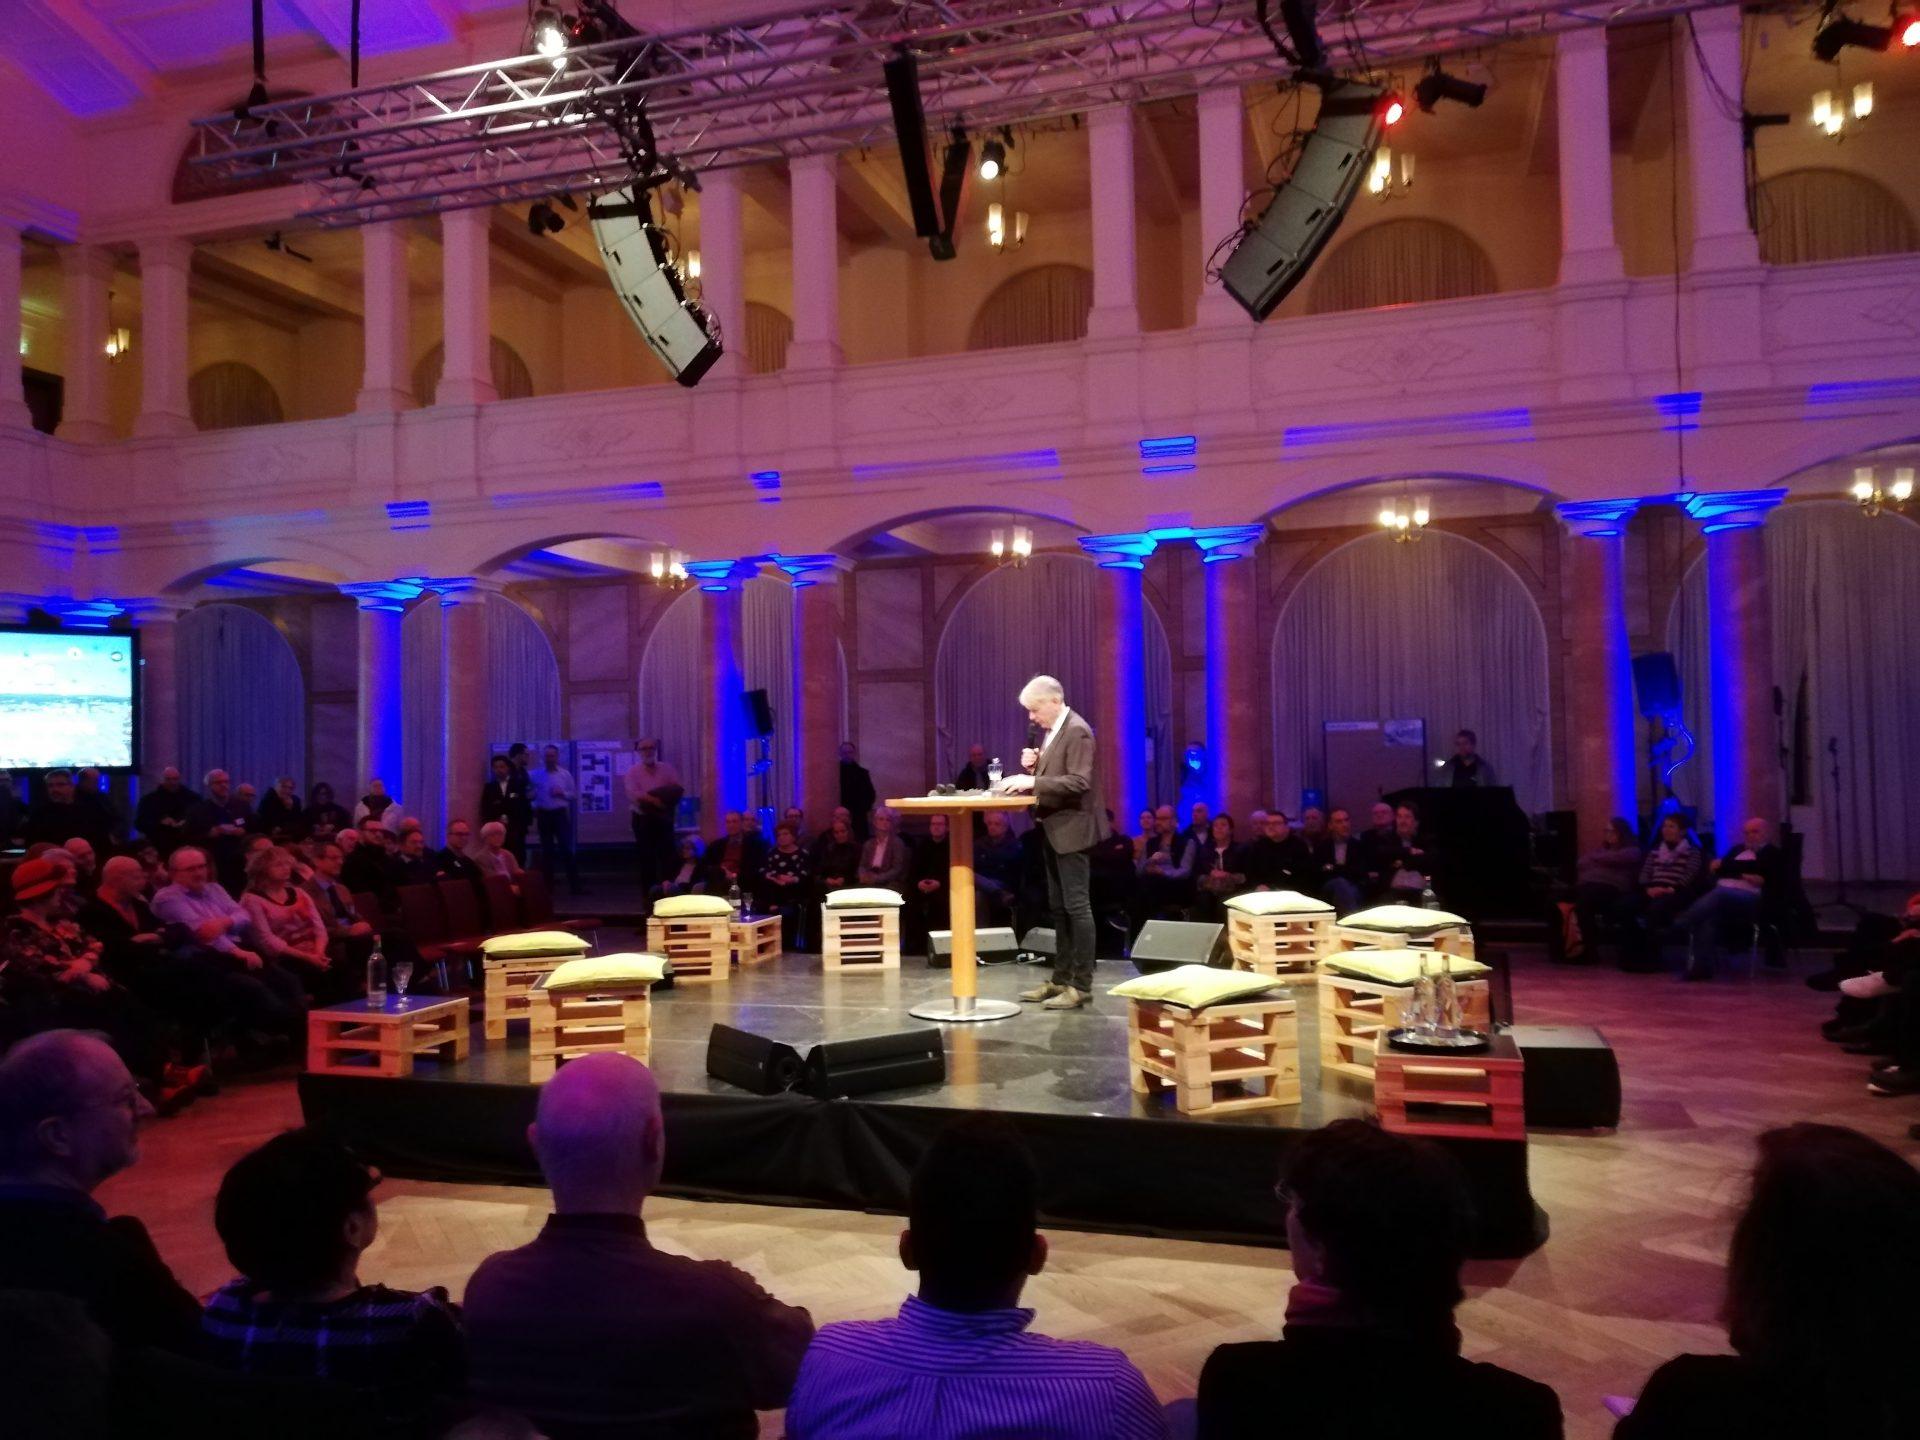 Der Oberbürgermeister steht bei der Eröffnung der Veranstaltung auf einer Bühne inmitten des Publikums.